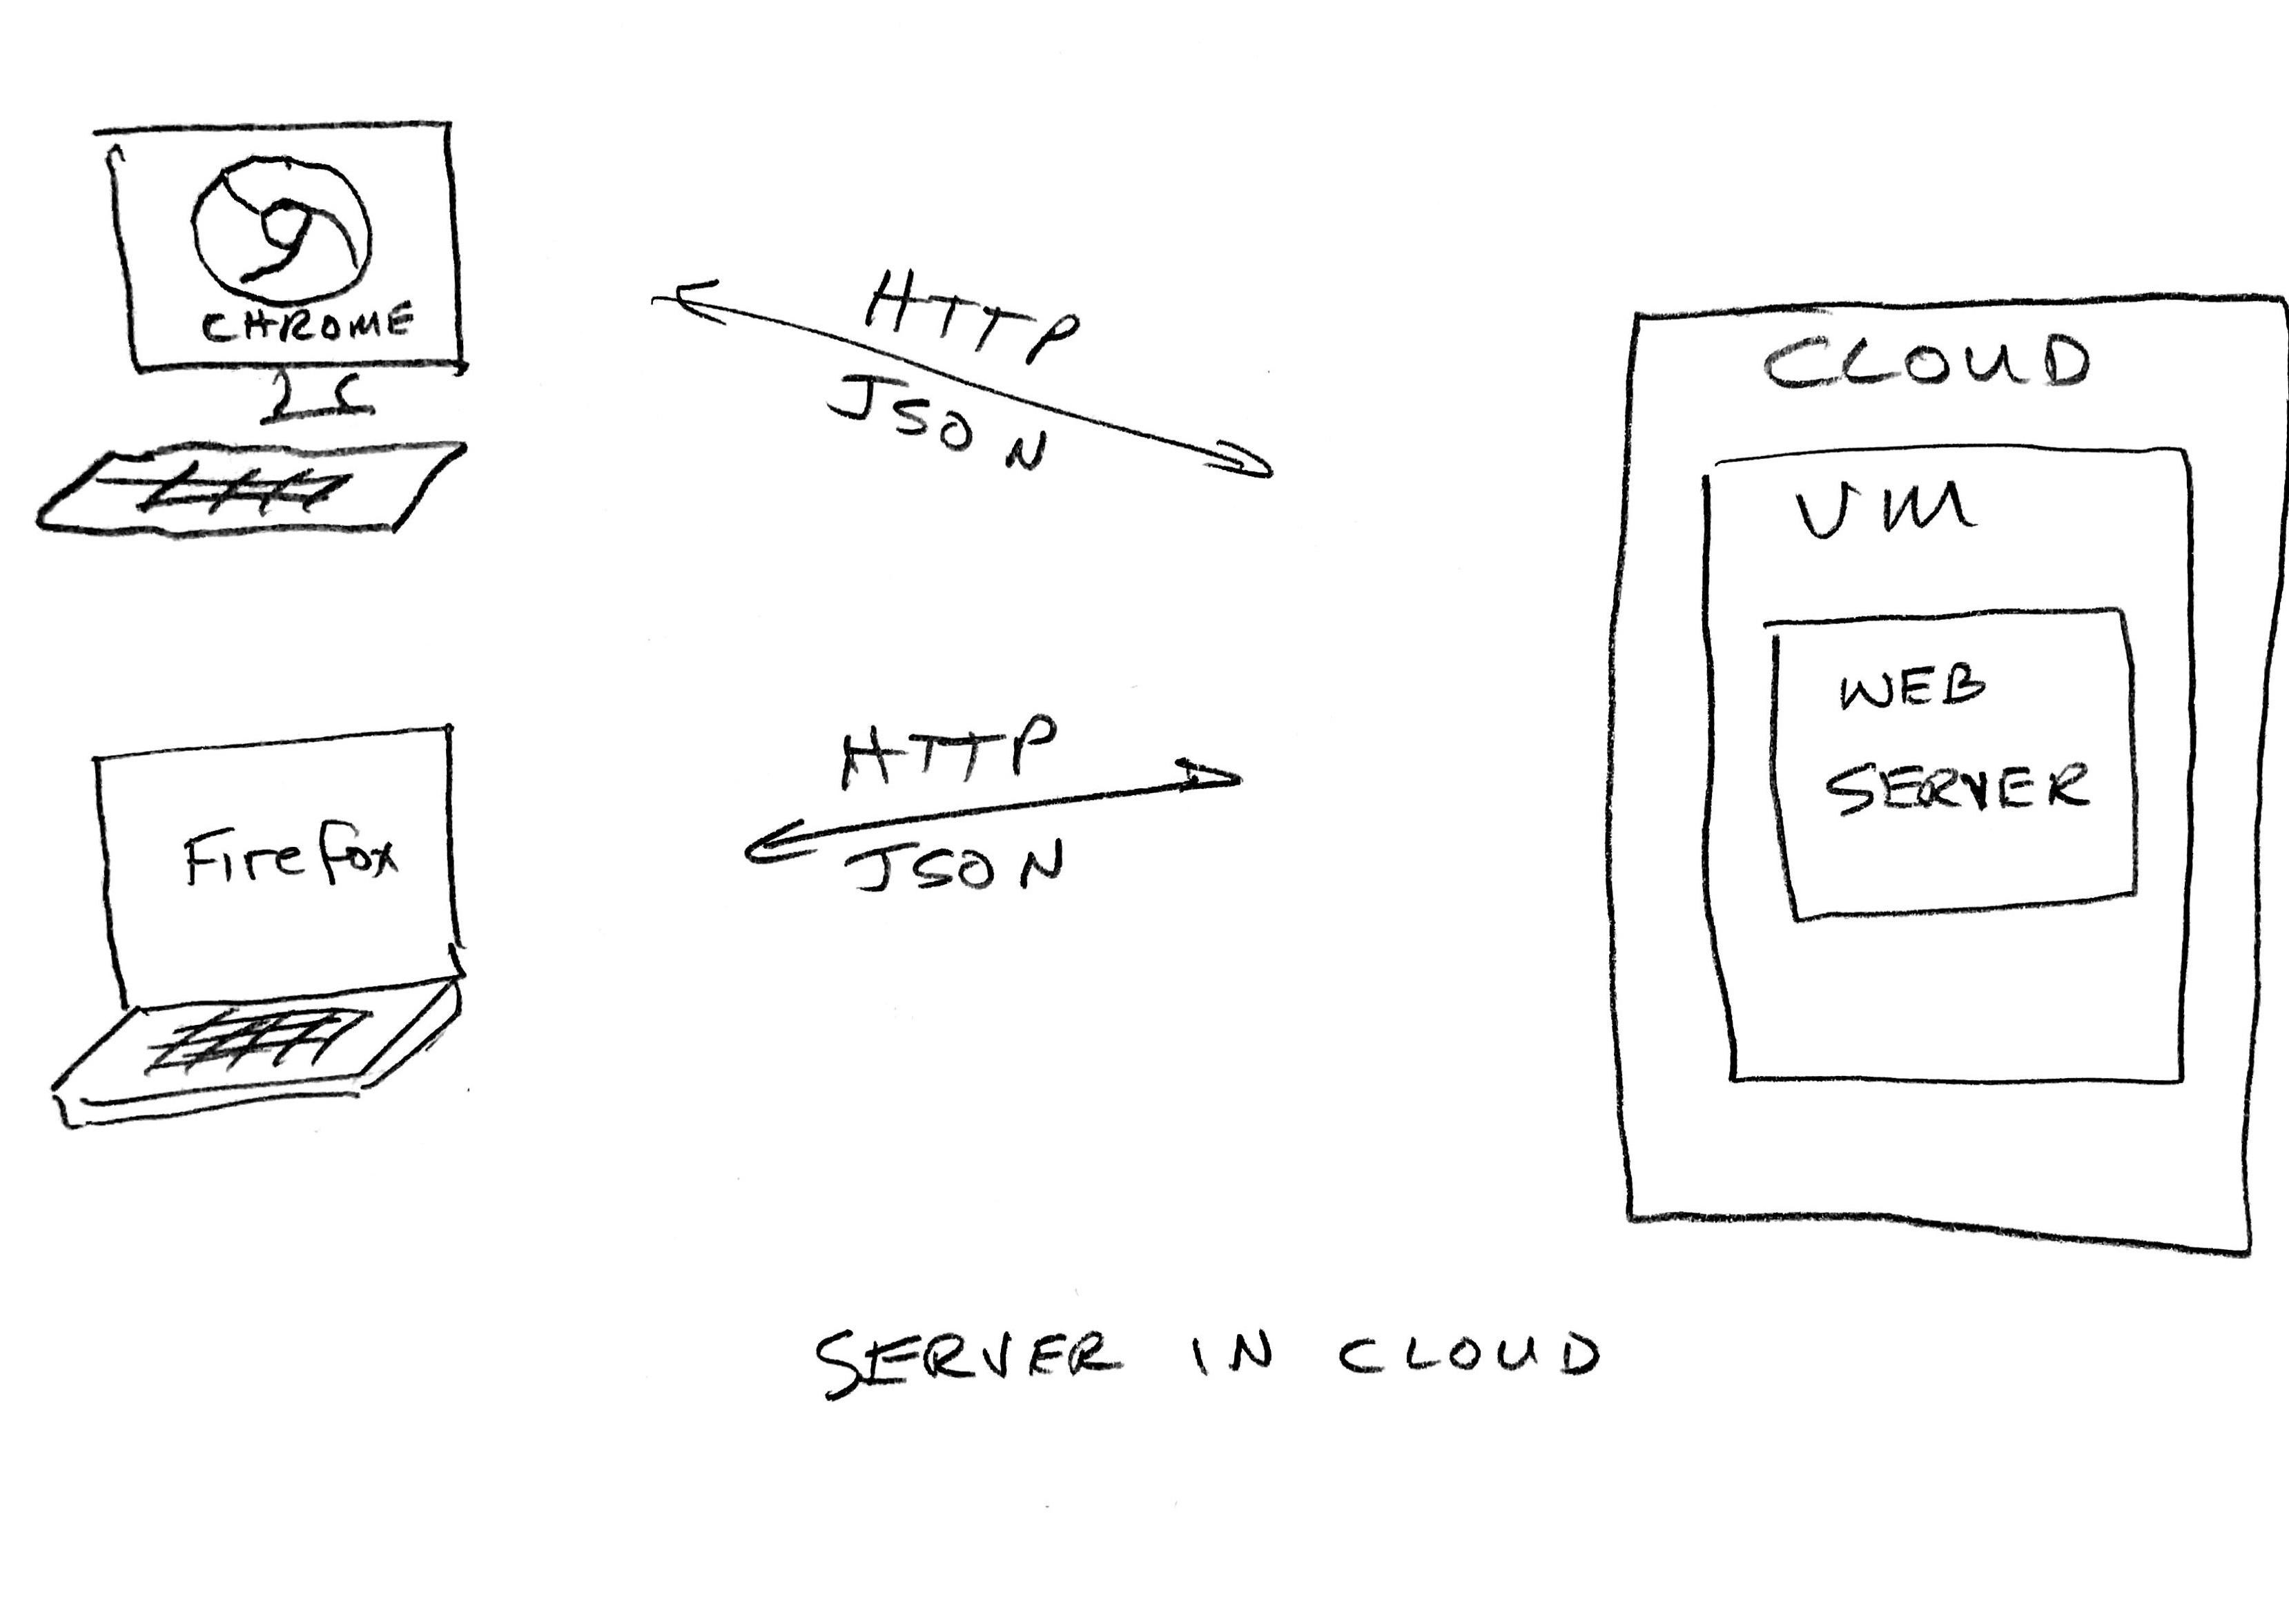 server in cloud.jpg